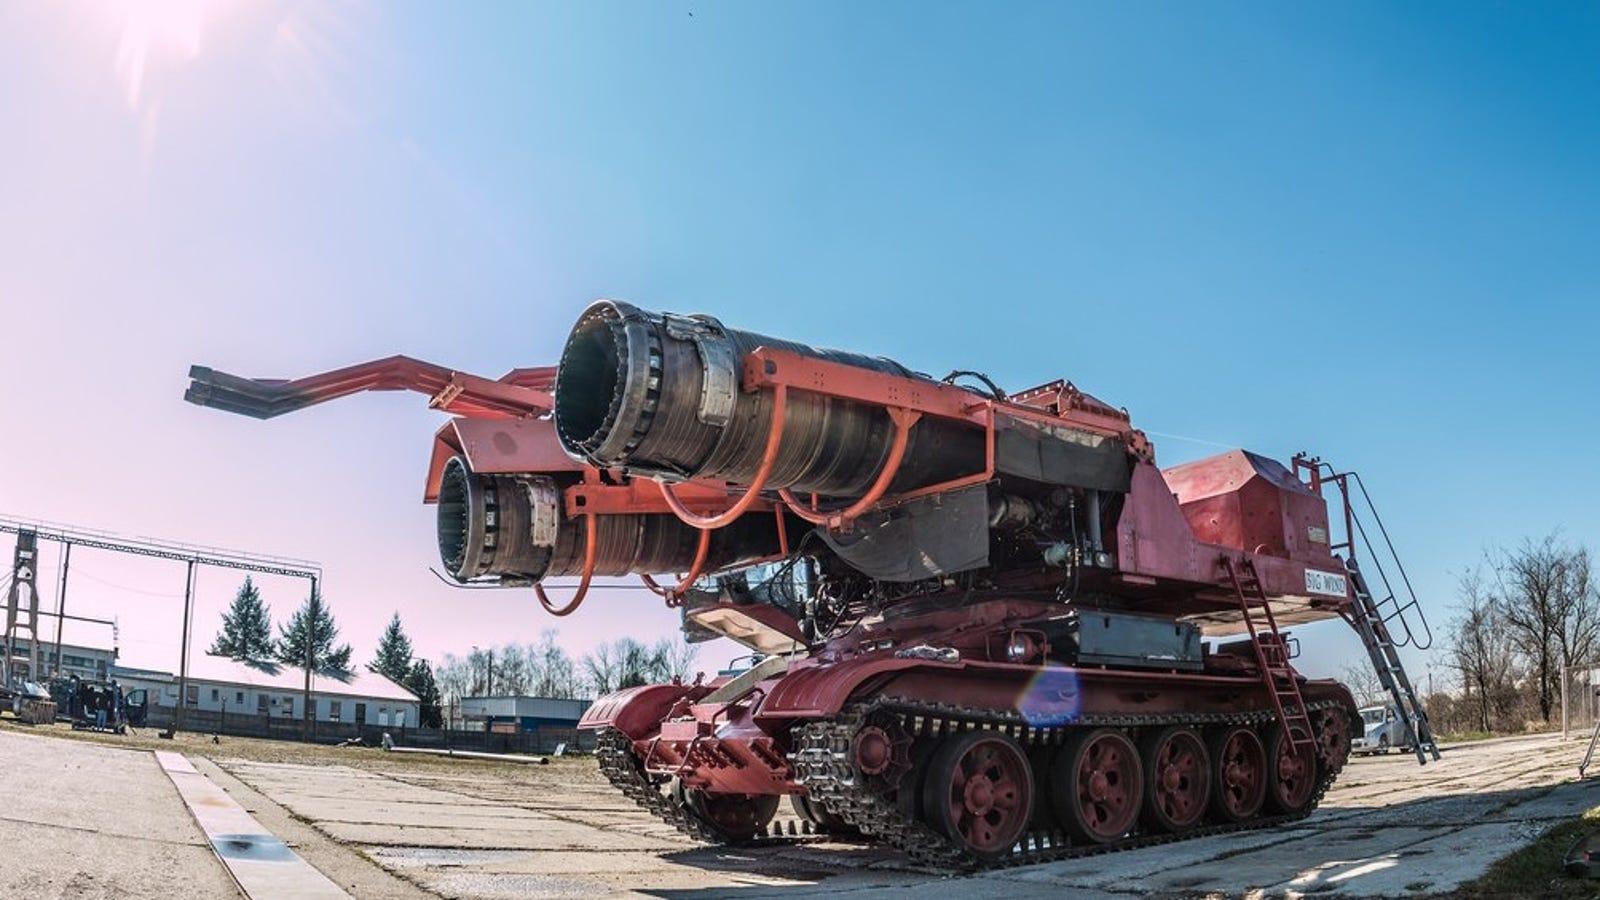 Historia del Big Wind, el increíble tanque ruso que se convirtió en un épico coche de bomberos